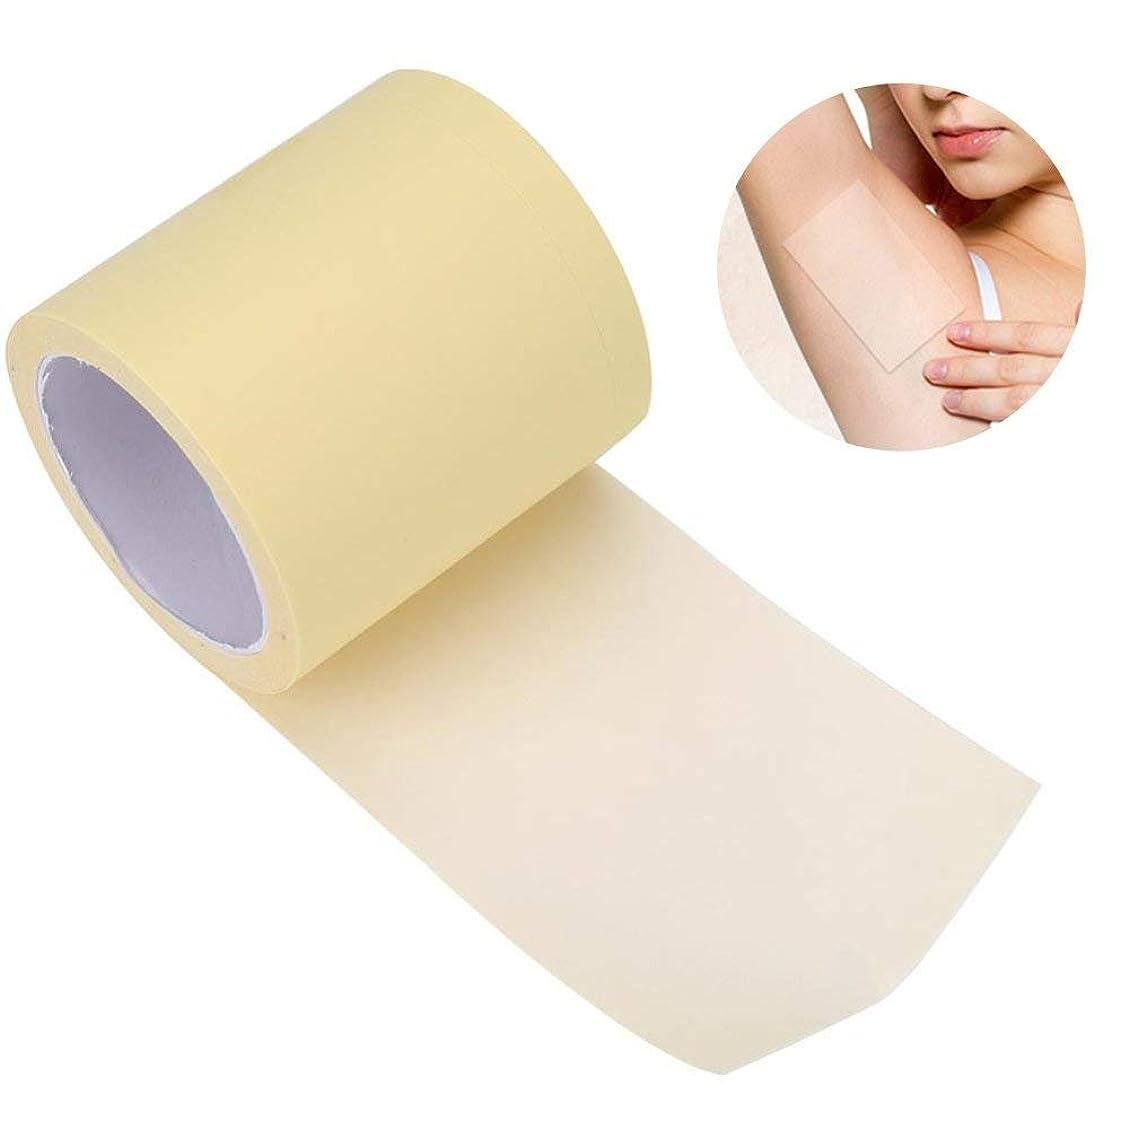 信頼性不調和再生Yiteng 脇の下汗パッド 汗止めパッド 皮膚に優しい 脇の汗染み防止 抗菌加工 皮膚に優しい 男性/女性対応 透明 全長6m 脇の下